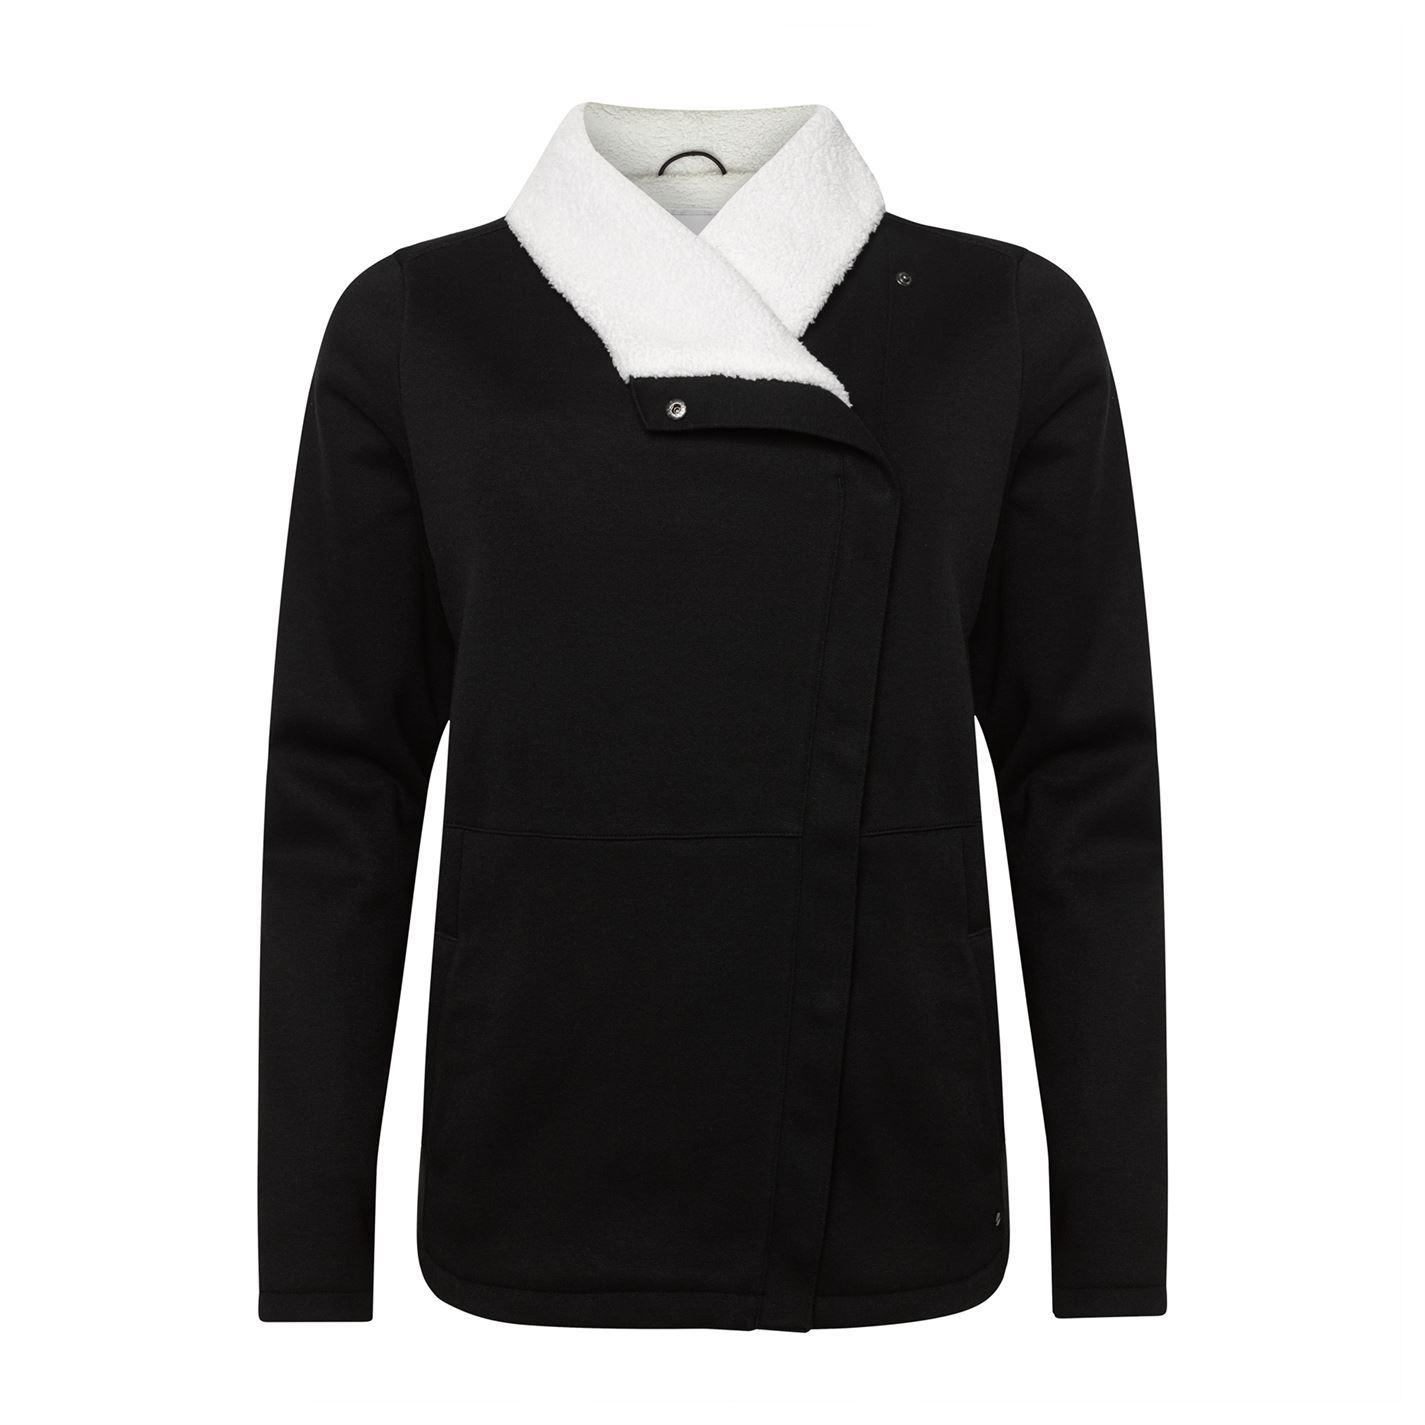 ONeill-raffinata-giacca-in-pile-Donna-Cappotto-Top-Zip-Inverno-caldo-timbro-a-pressione